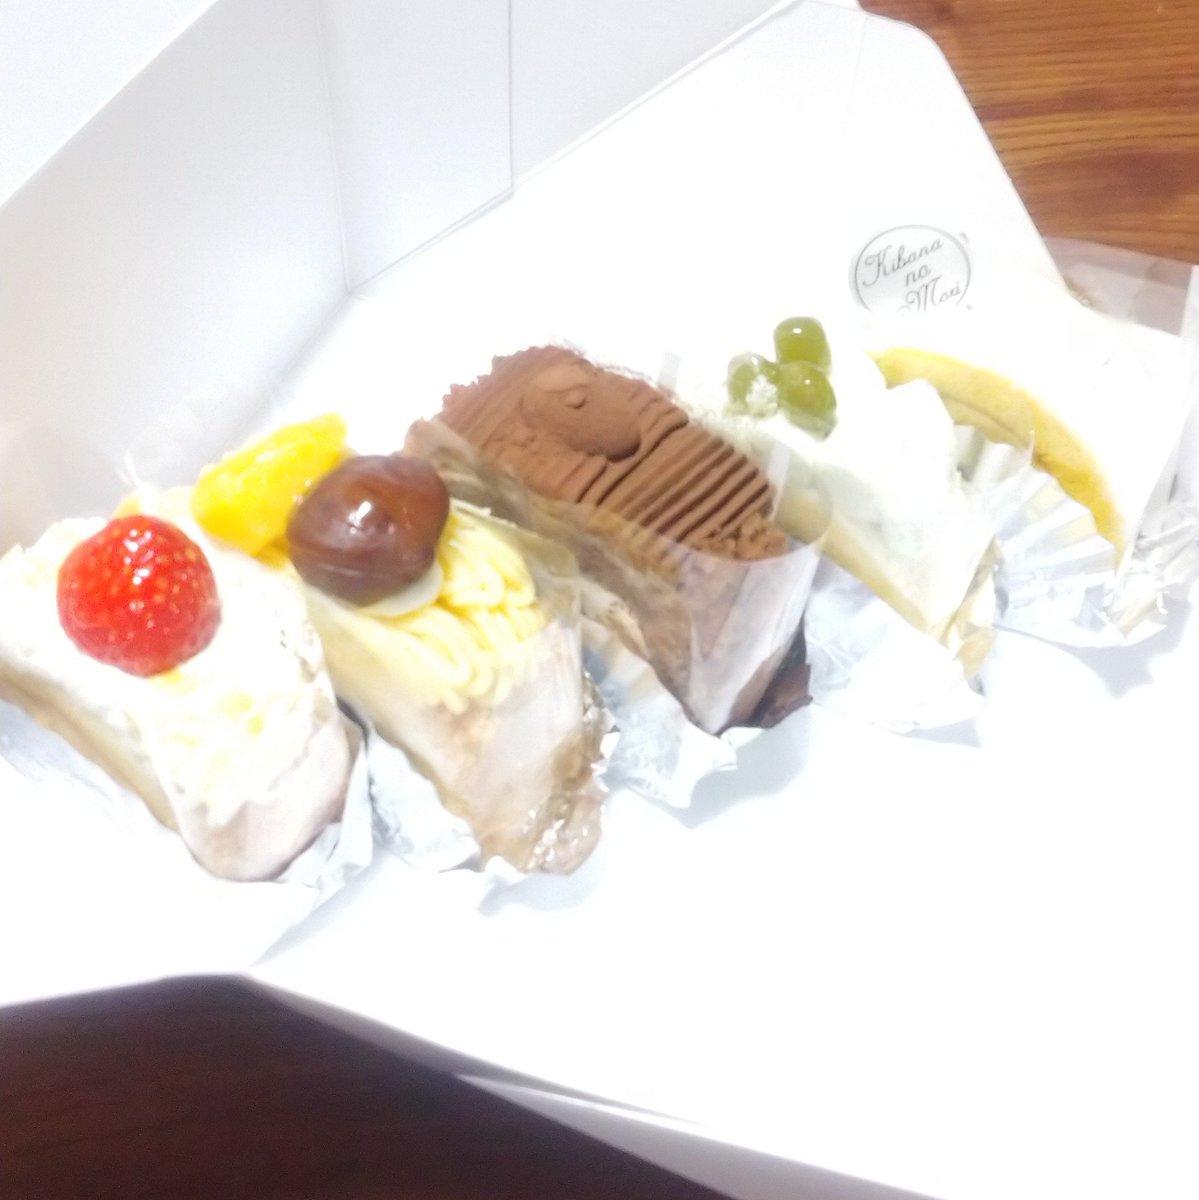 test ツイッターメディア - お昼に「き花の杜」で買ってきたロールケーキたち。 安心安定のアーモンド、モンブラン、ガトーショコラ。 そしてずんだとパンプキン。 どれも美味しいけど、やっぱりチョコが好き💕  #旭川グルメ #壺屋 #き花の杜 https://t.co/HecnMeXfnI